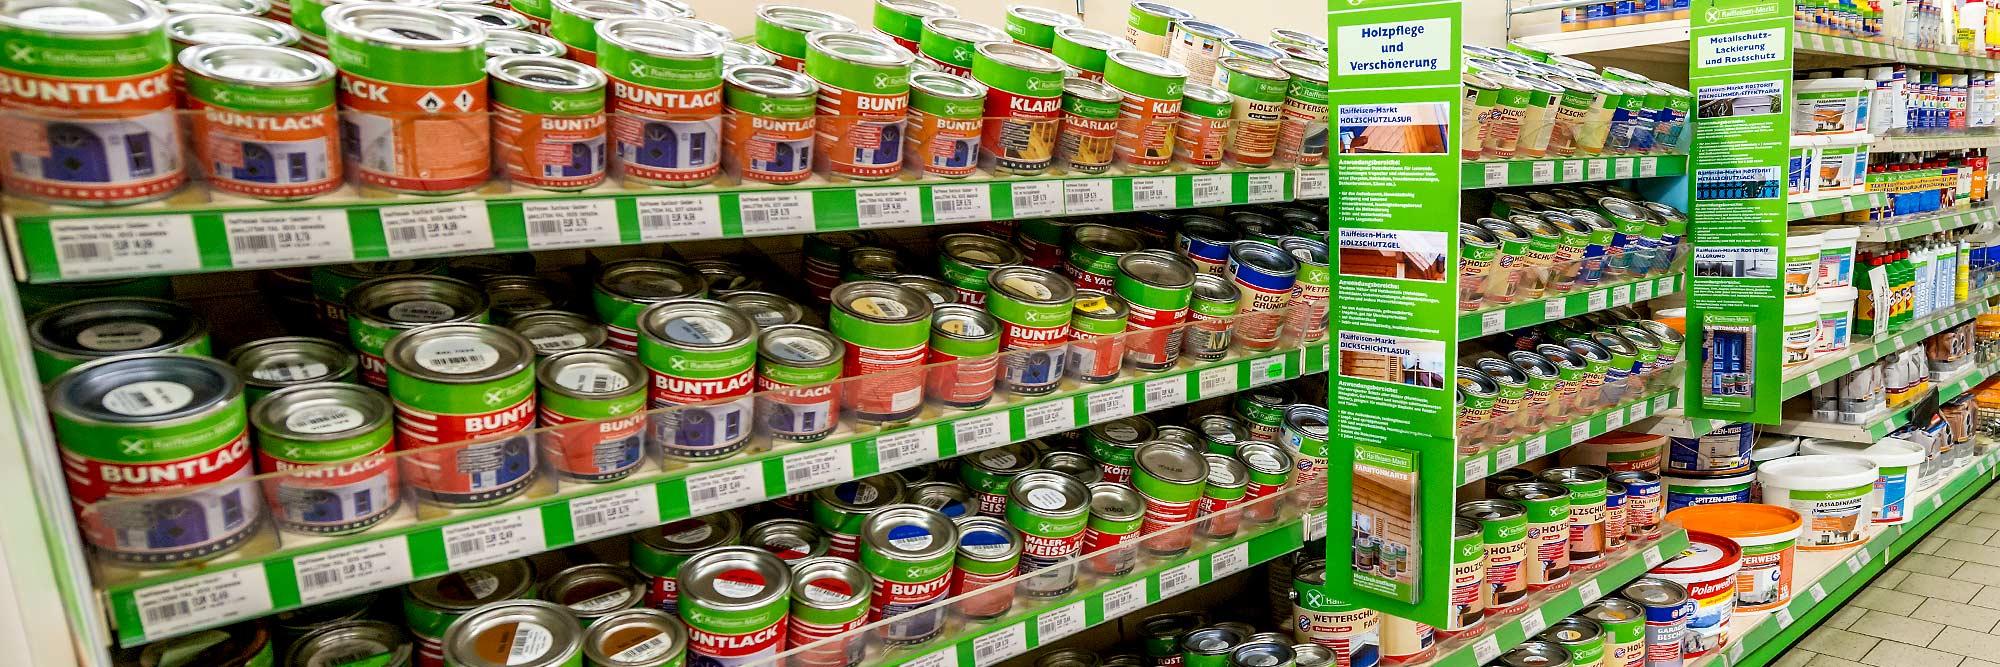 Raiffeisen Markt Ottmarsbocholt Farben und Lacke